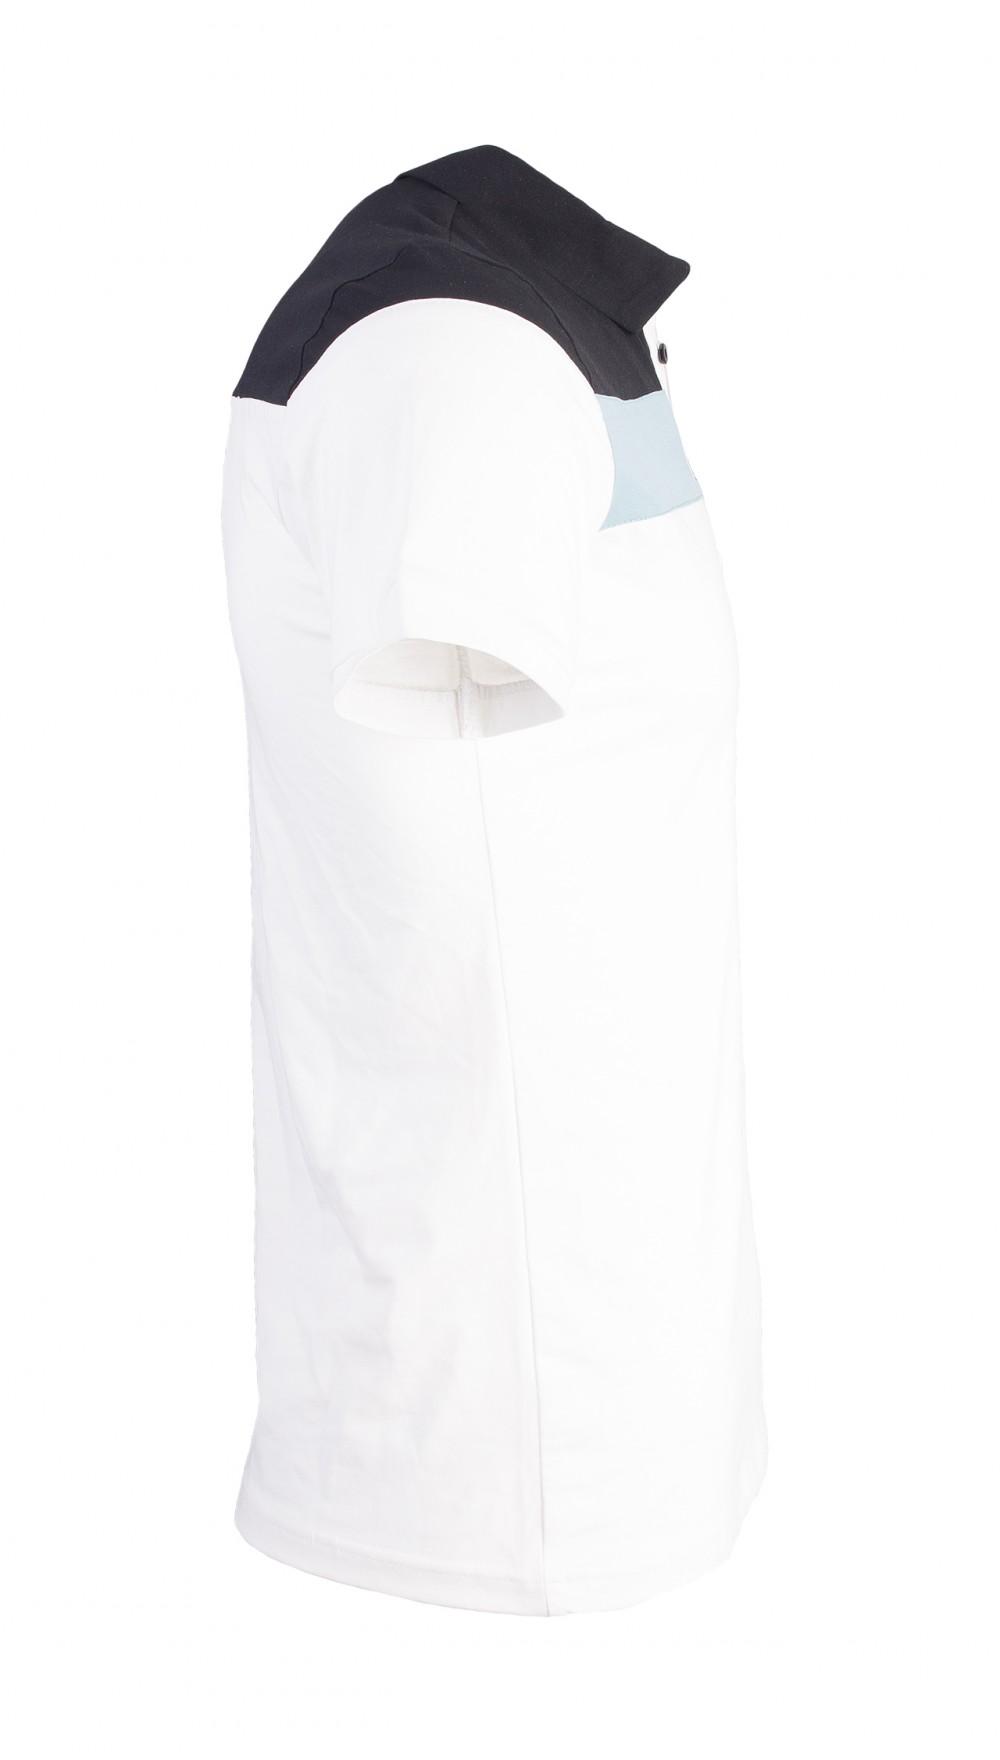 Áo thun có cổ trắng kem at749 - 2